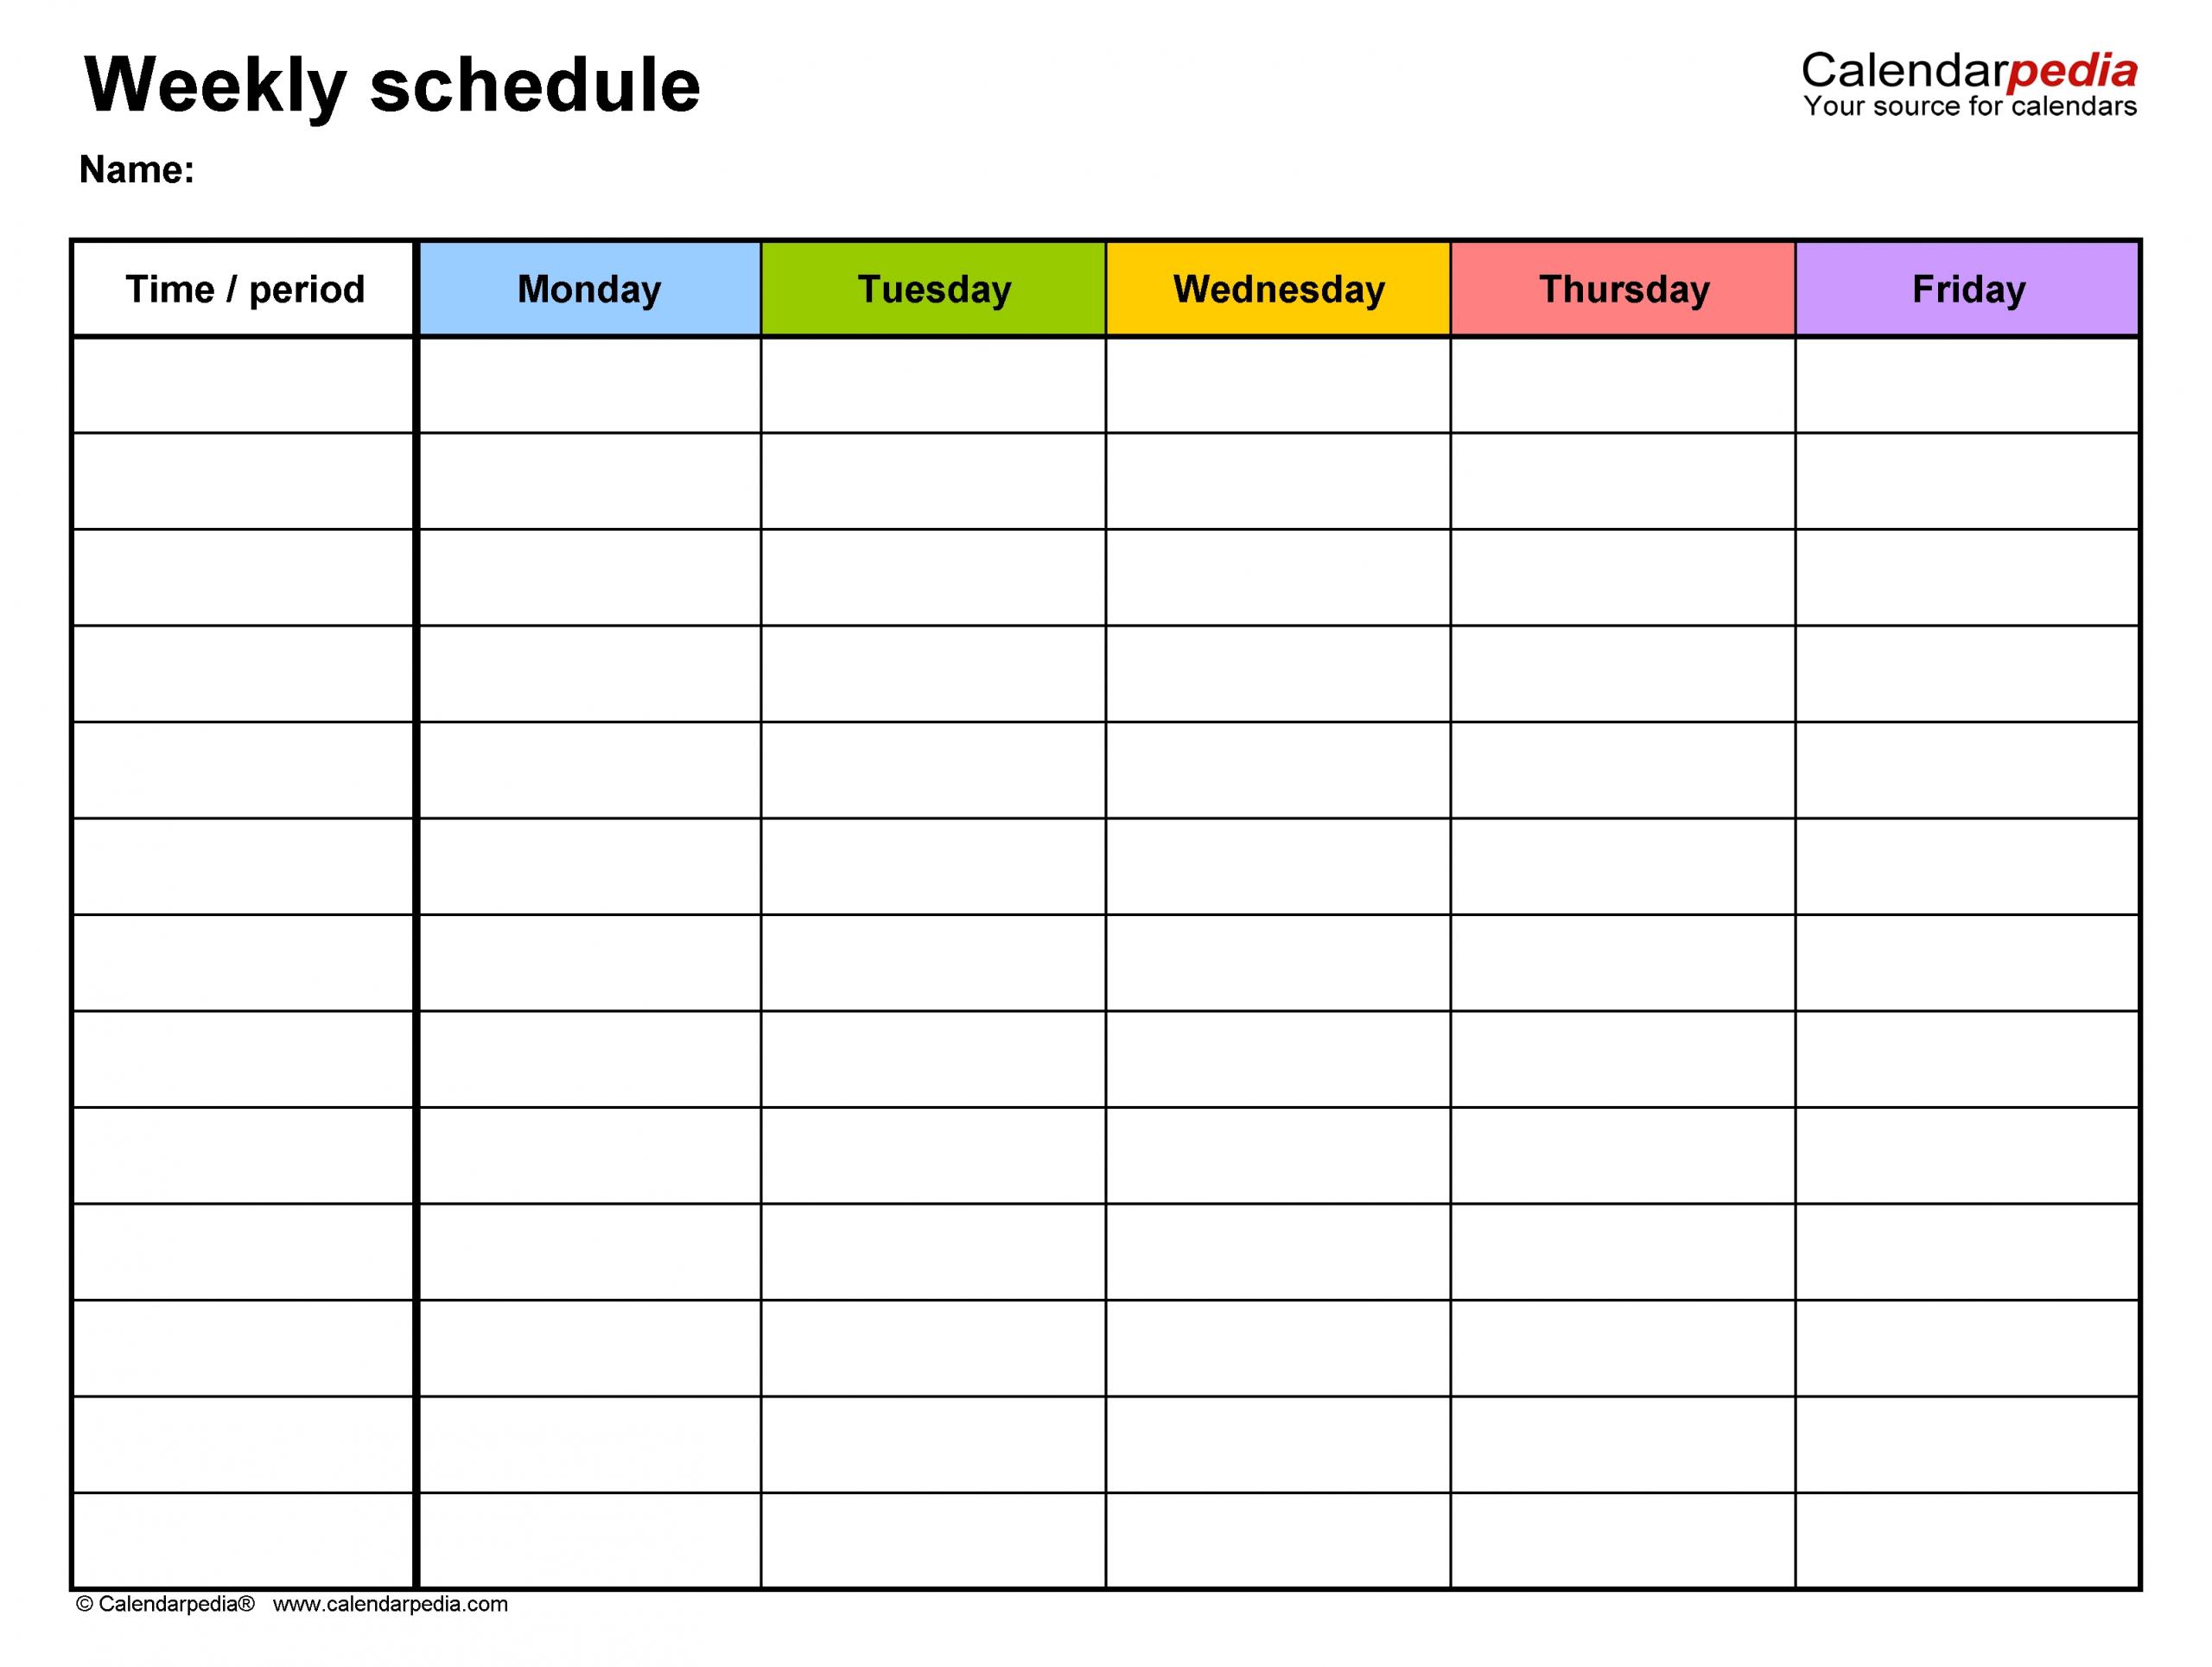 Get 6 Week Blank Schedule